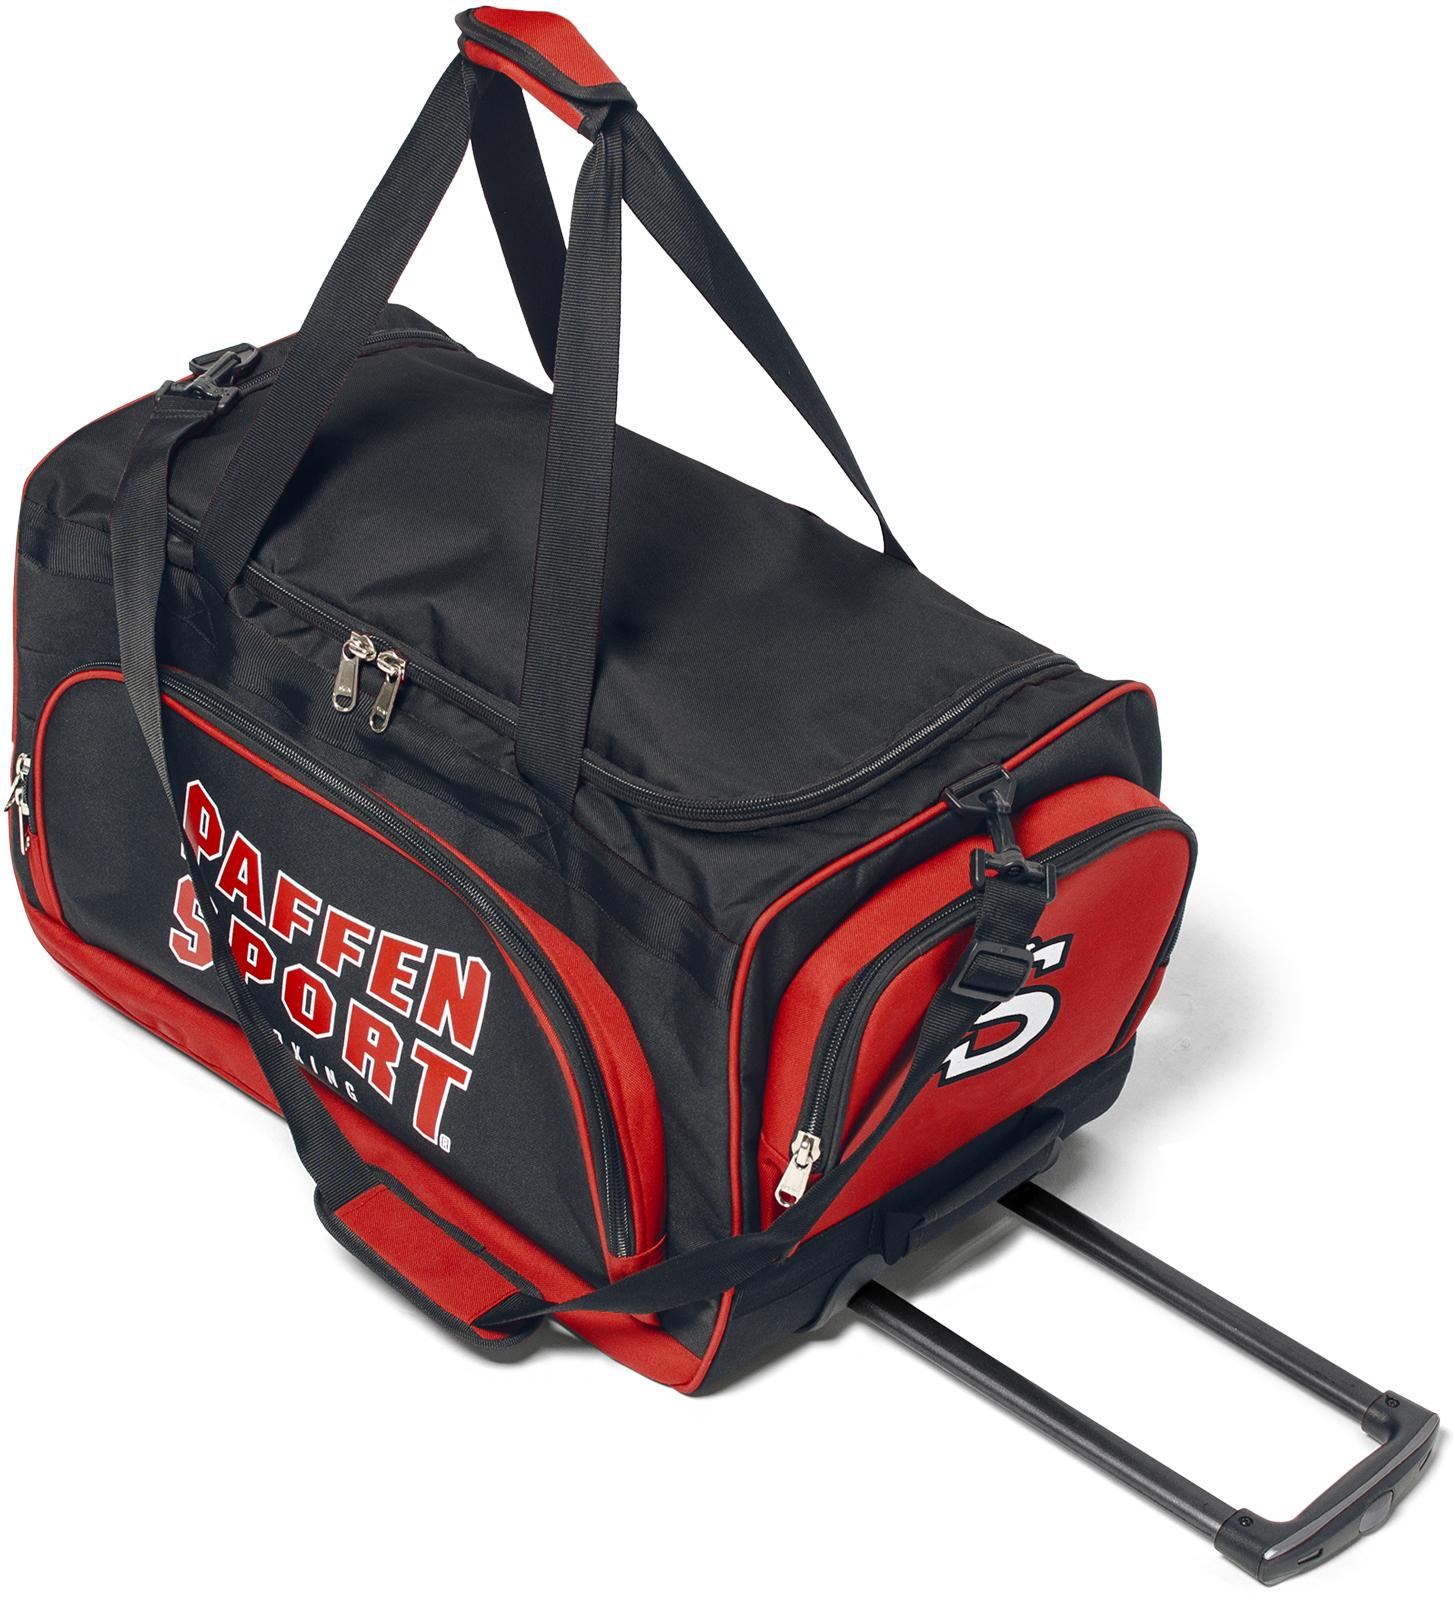 Дорожная сумка Paffen sport